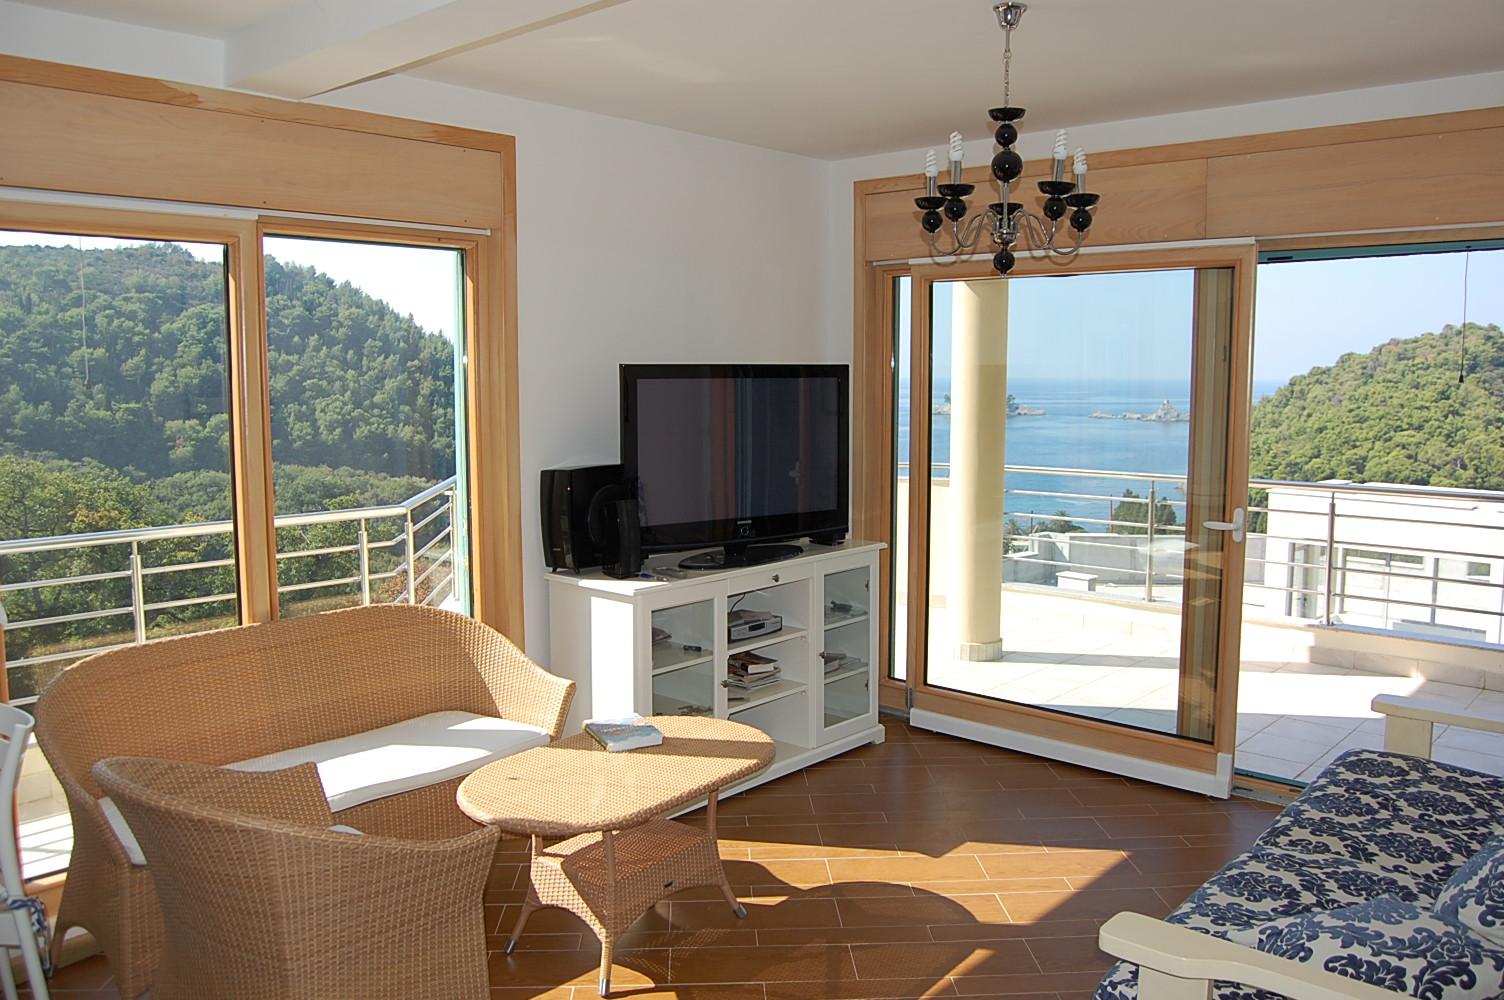 Продажа недвижимости в черногории акции скидки вторичное жильё